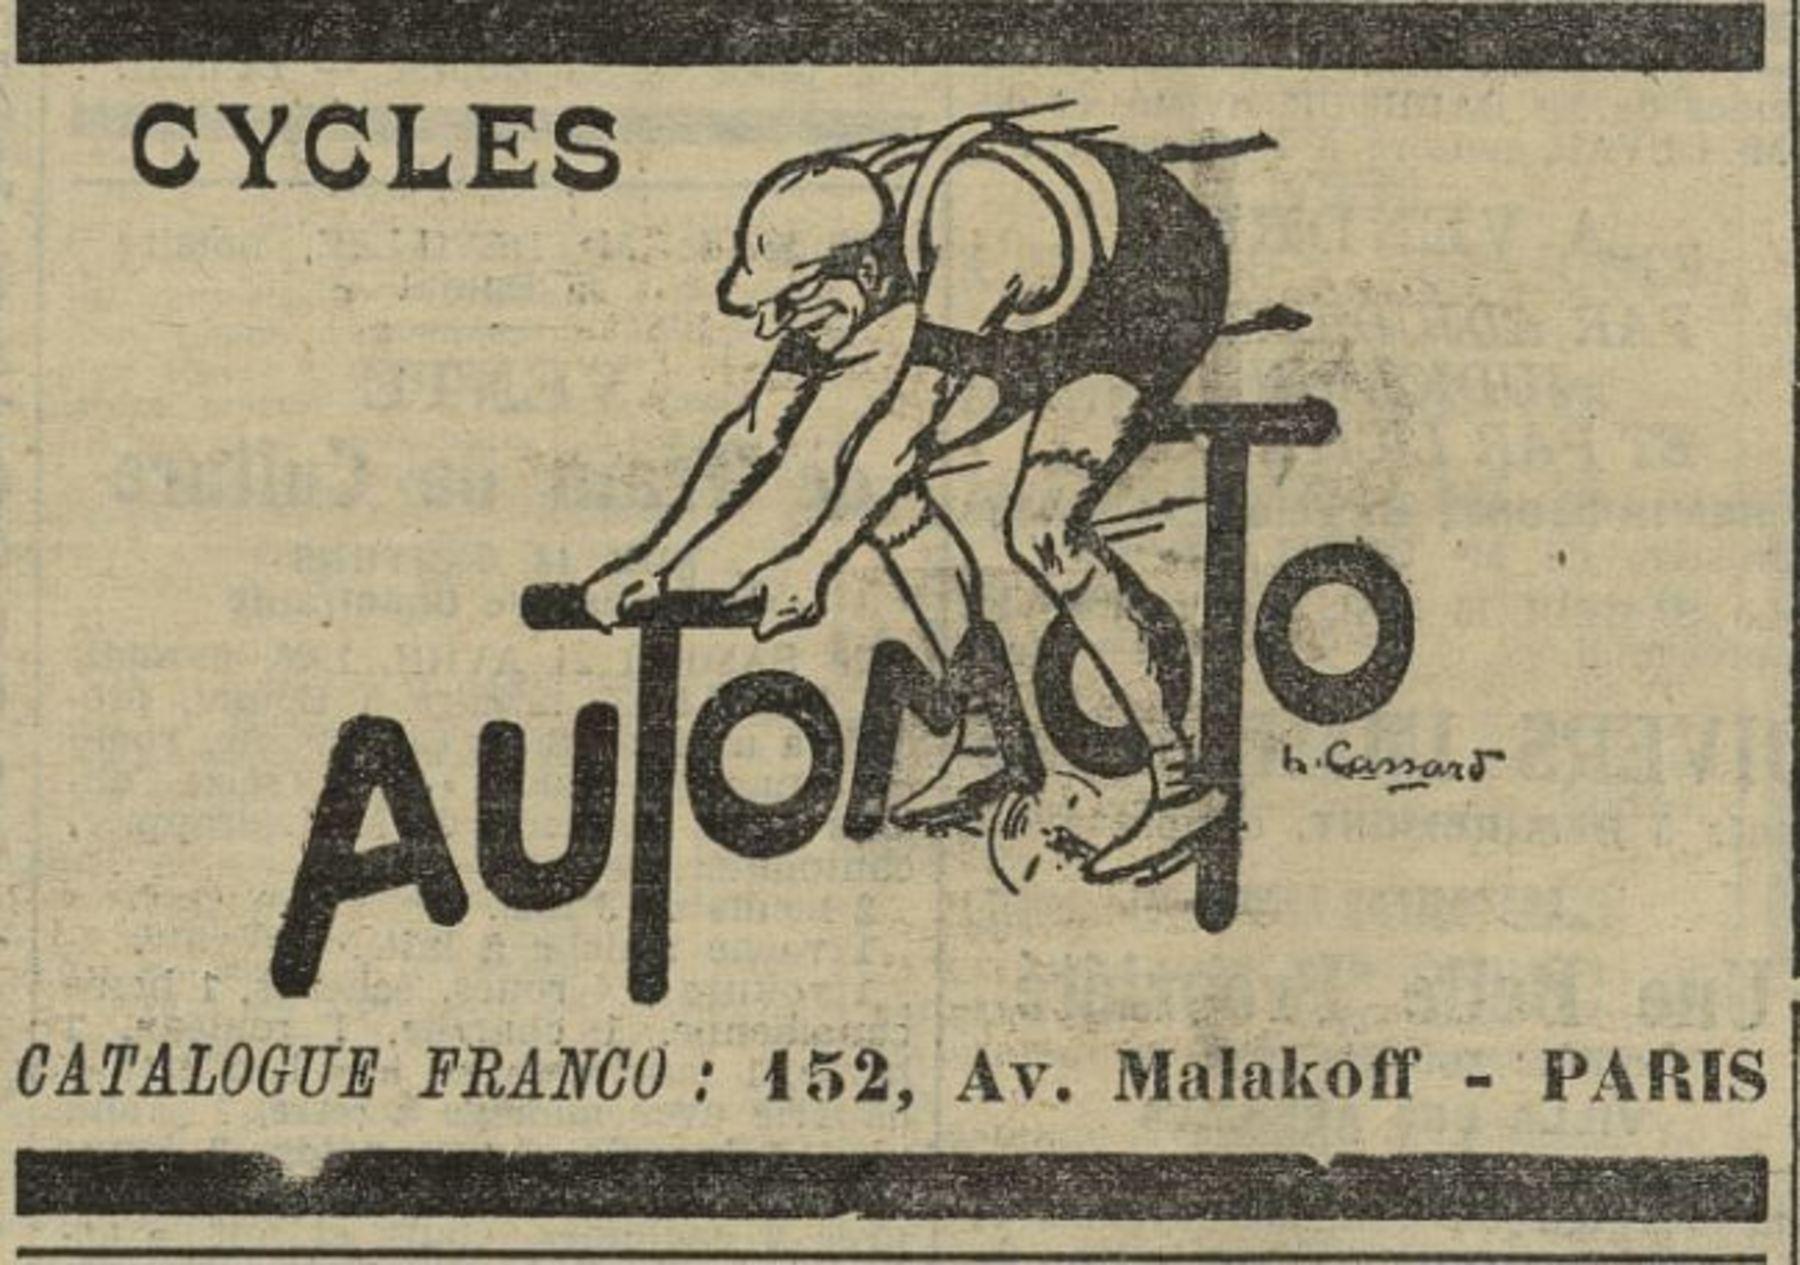 Contenu du Cycles Automoto